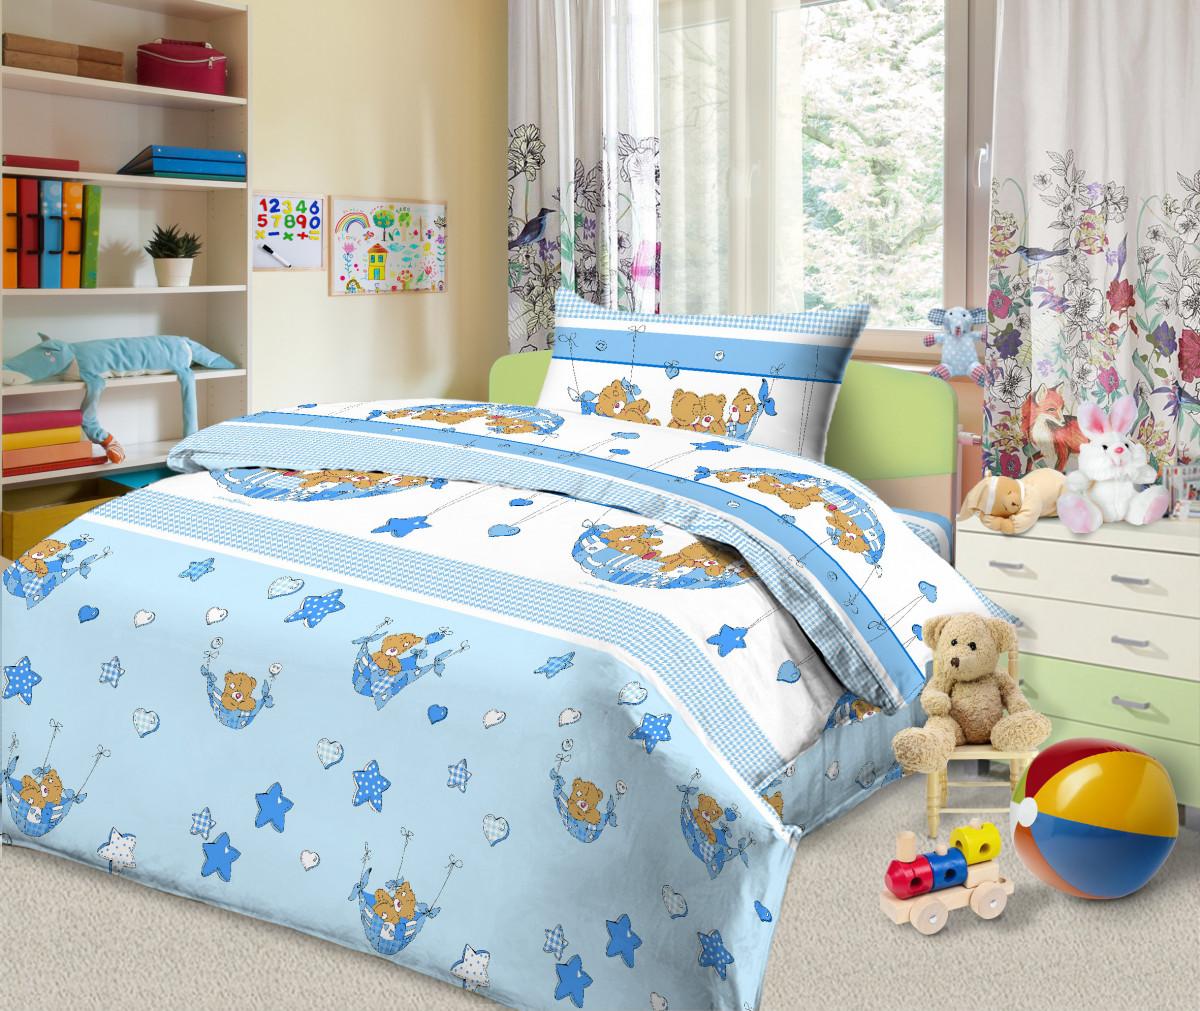 Постельное белье Мишкин сон (бязь) (Ясельный) постельное белье неон синий бязь ясельный